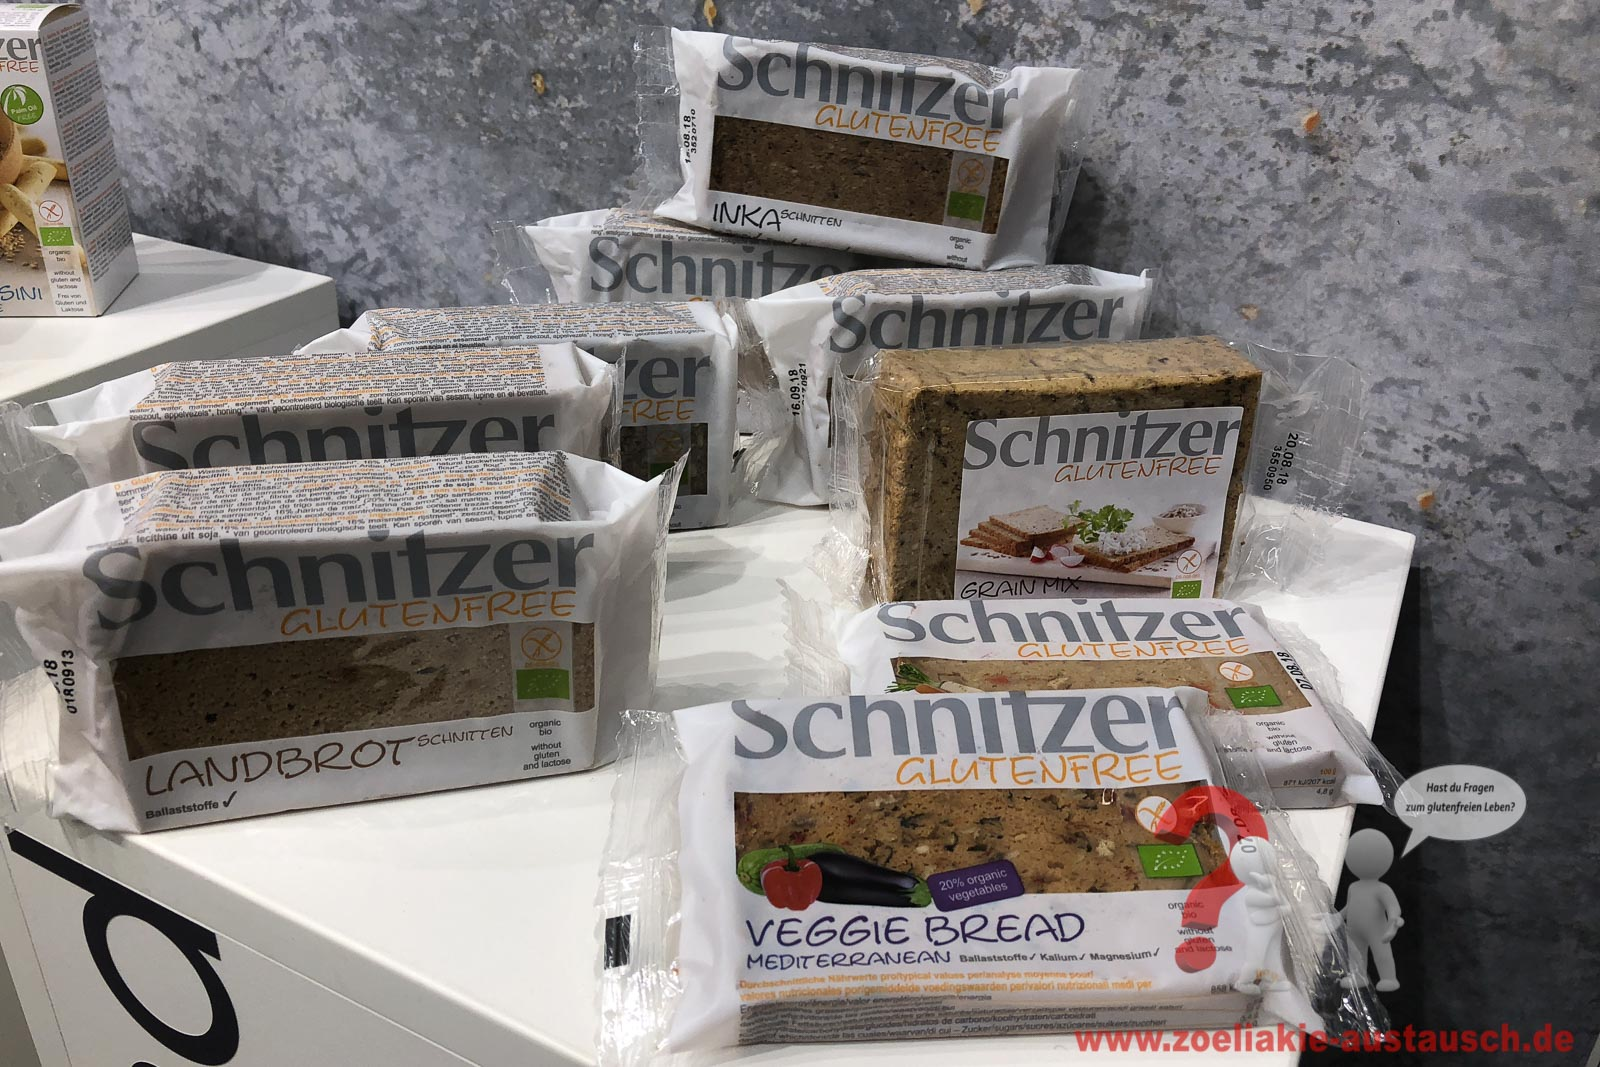 Schnitzer_BioFach_Zoeliakie_Austausch_002